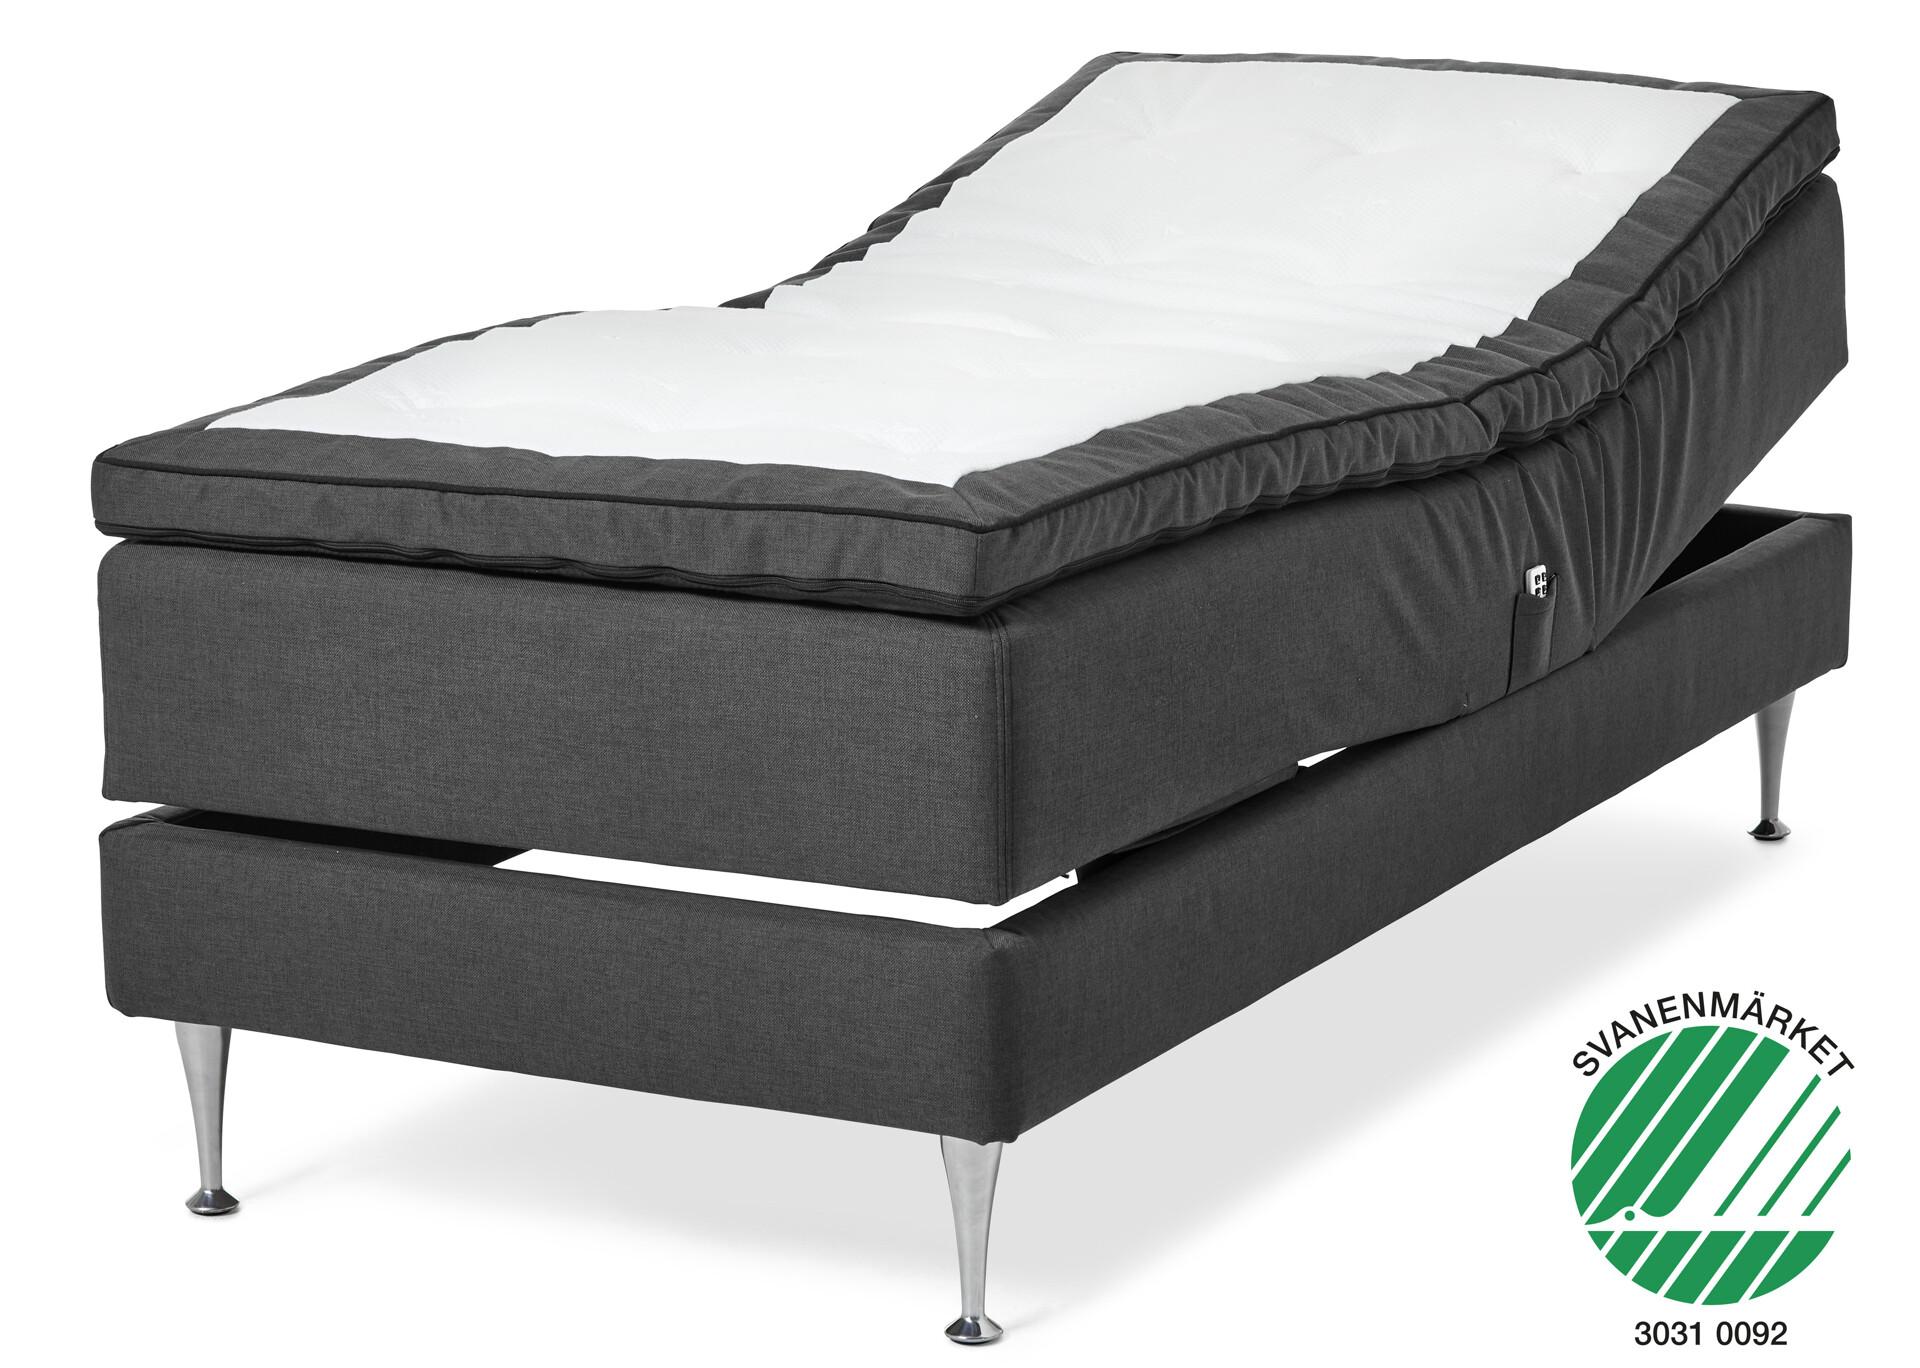 Omtalade Relax Delux Ställbar säng, enkelsäng med bäddmadrass CV-73